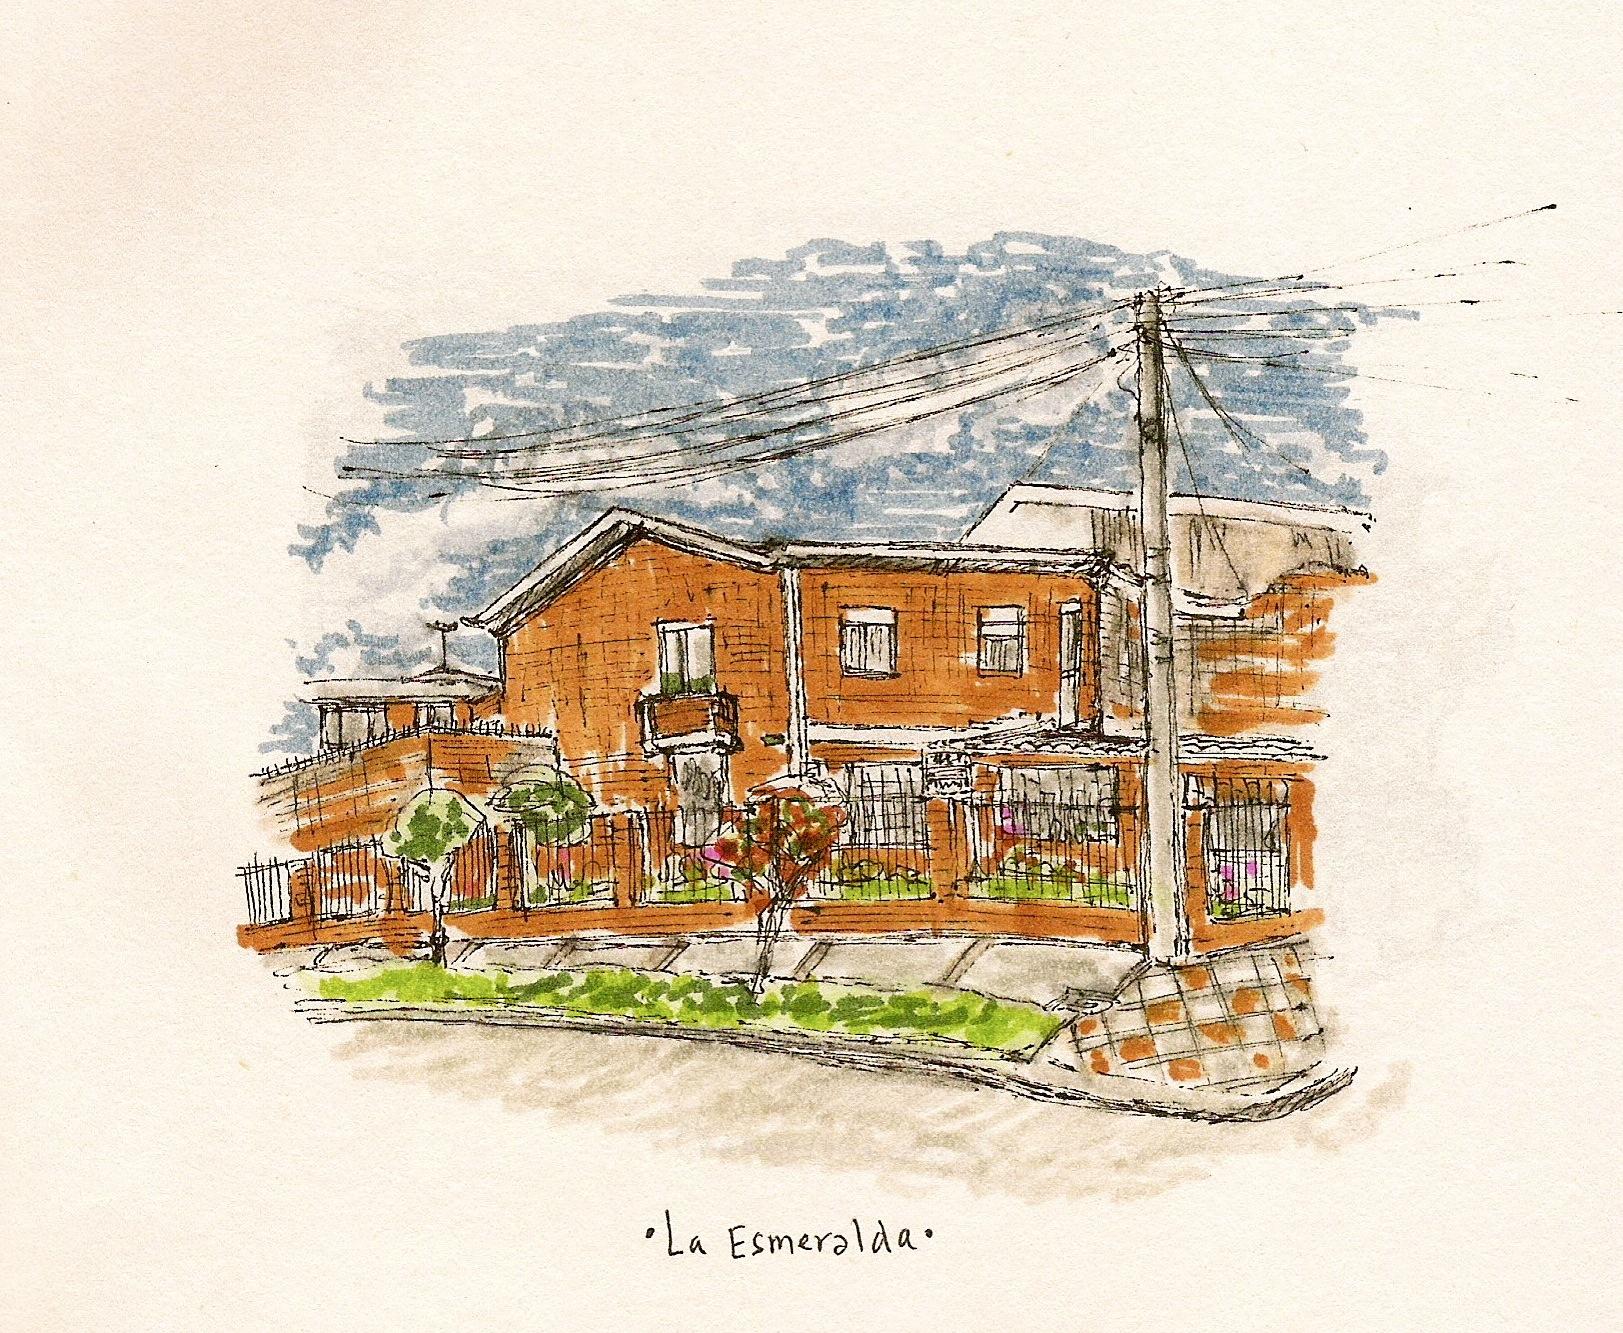 07_03-La-Esmeralda